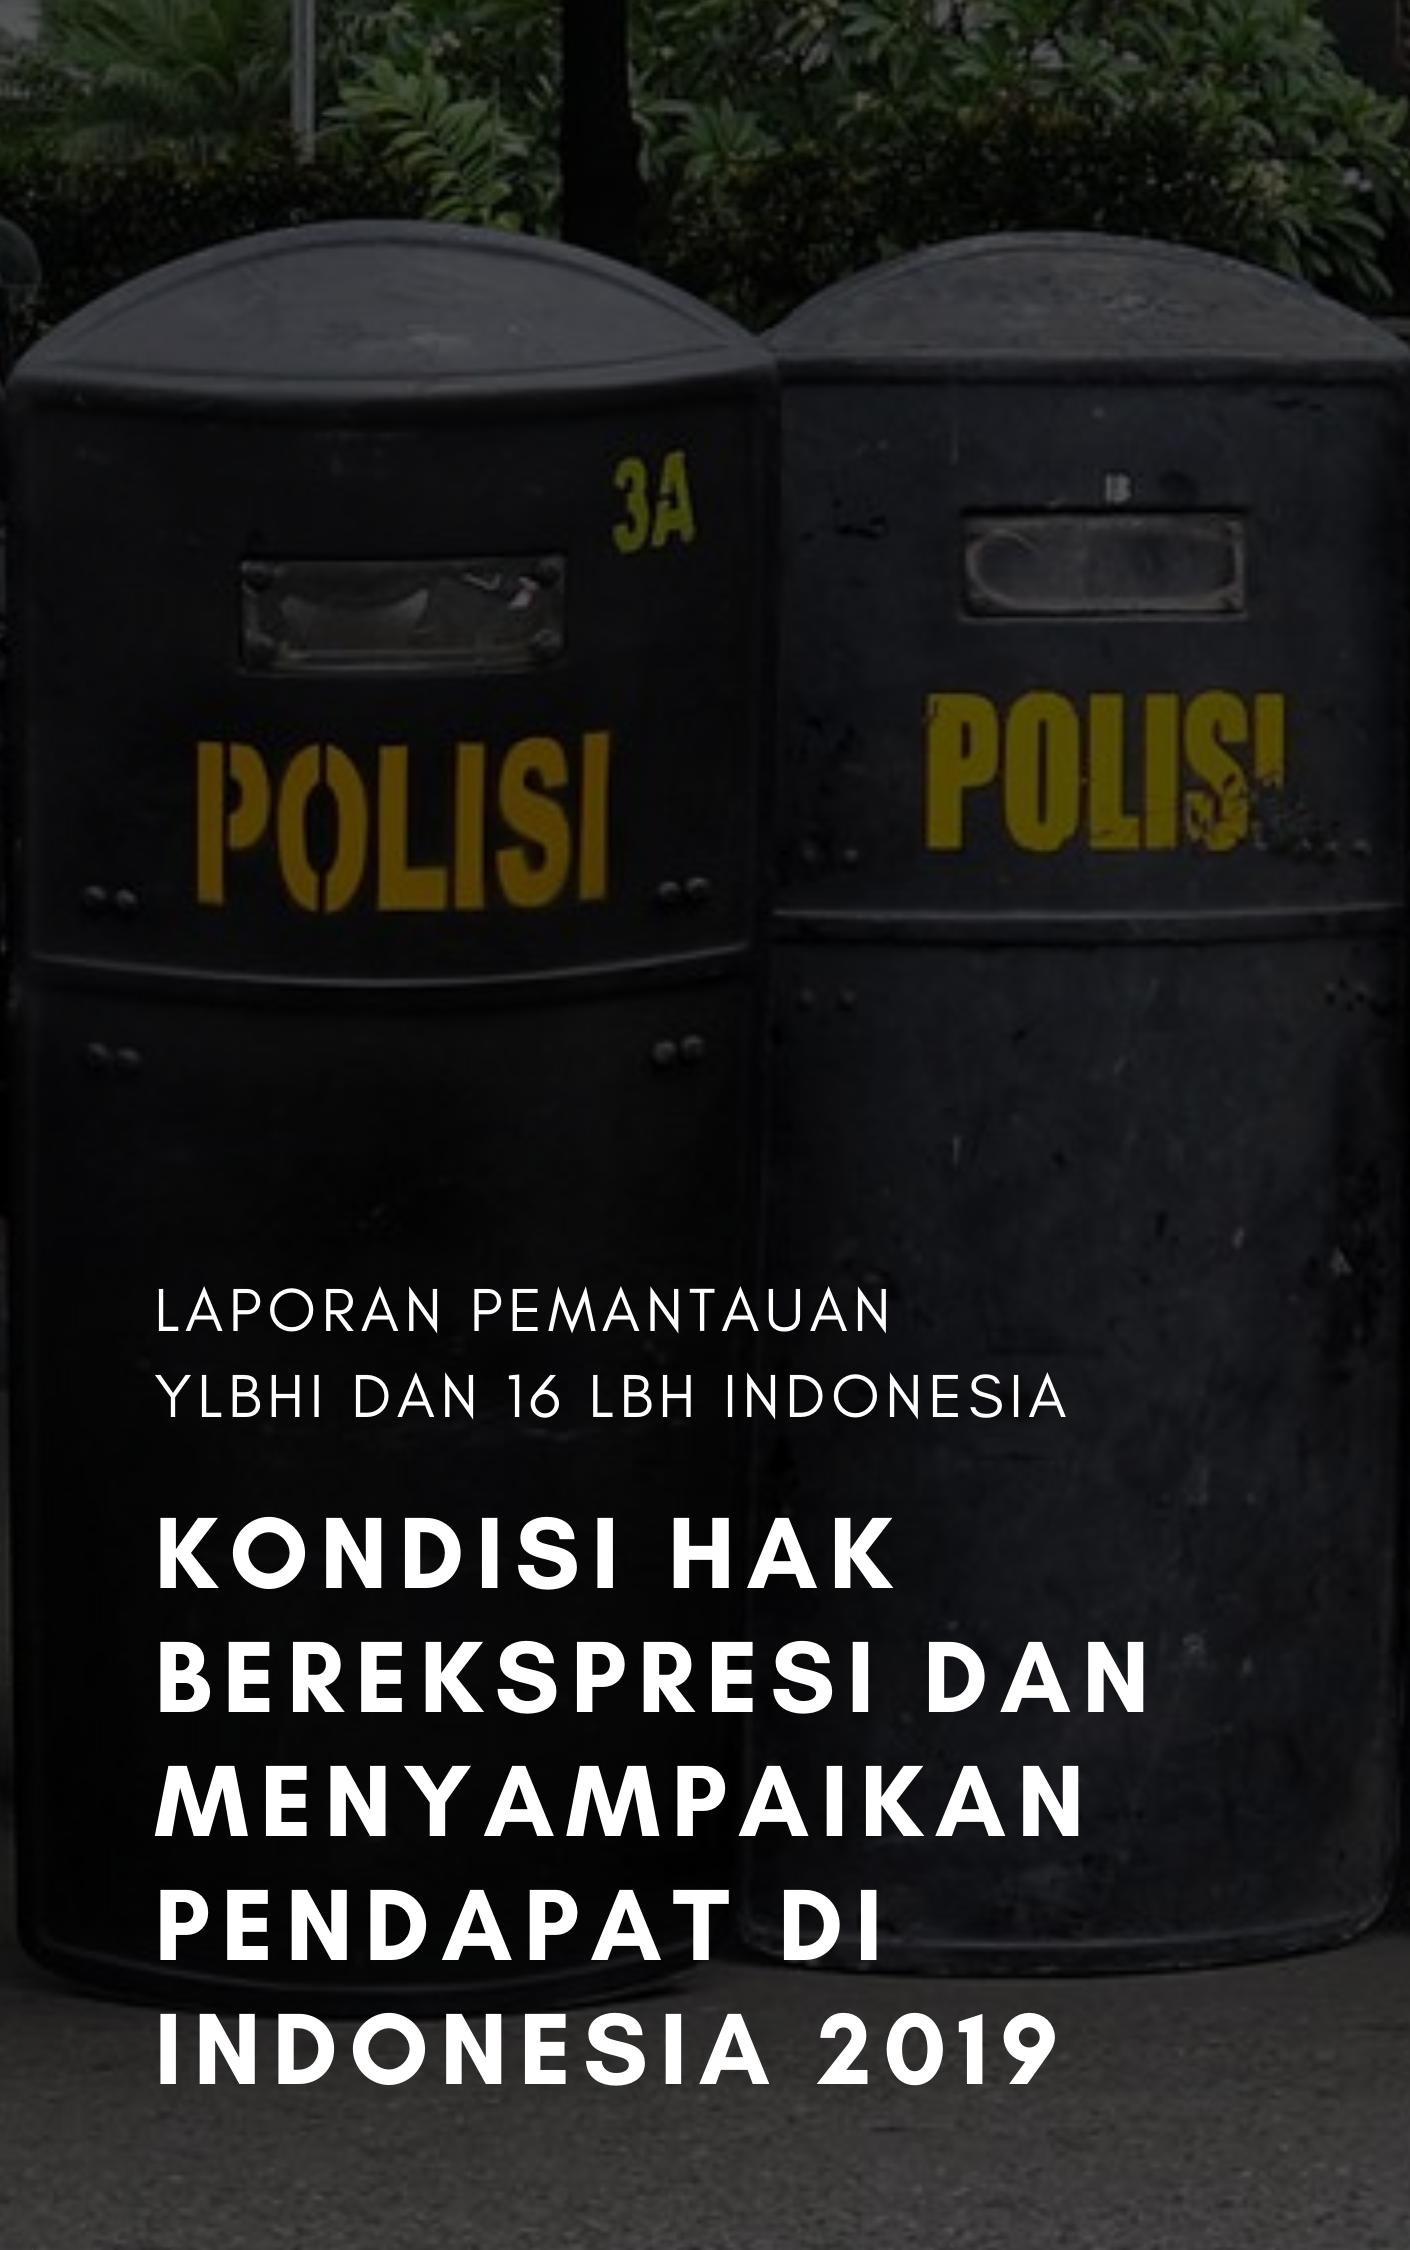 Laporan Tentang Kondisi Hak Berekspresi dan Menyampaikan Pendapat Di Indonesia 2019